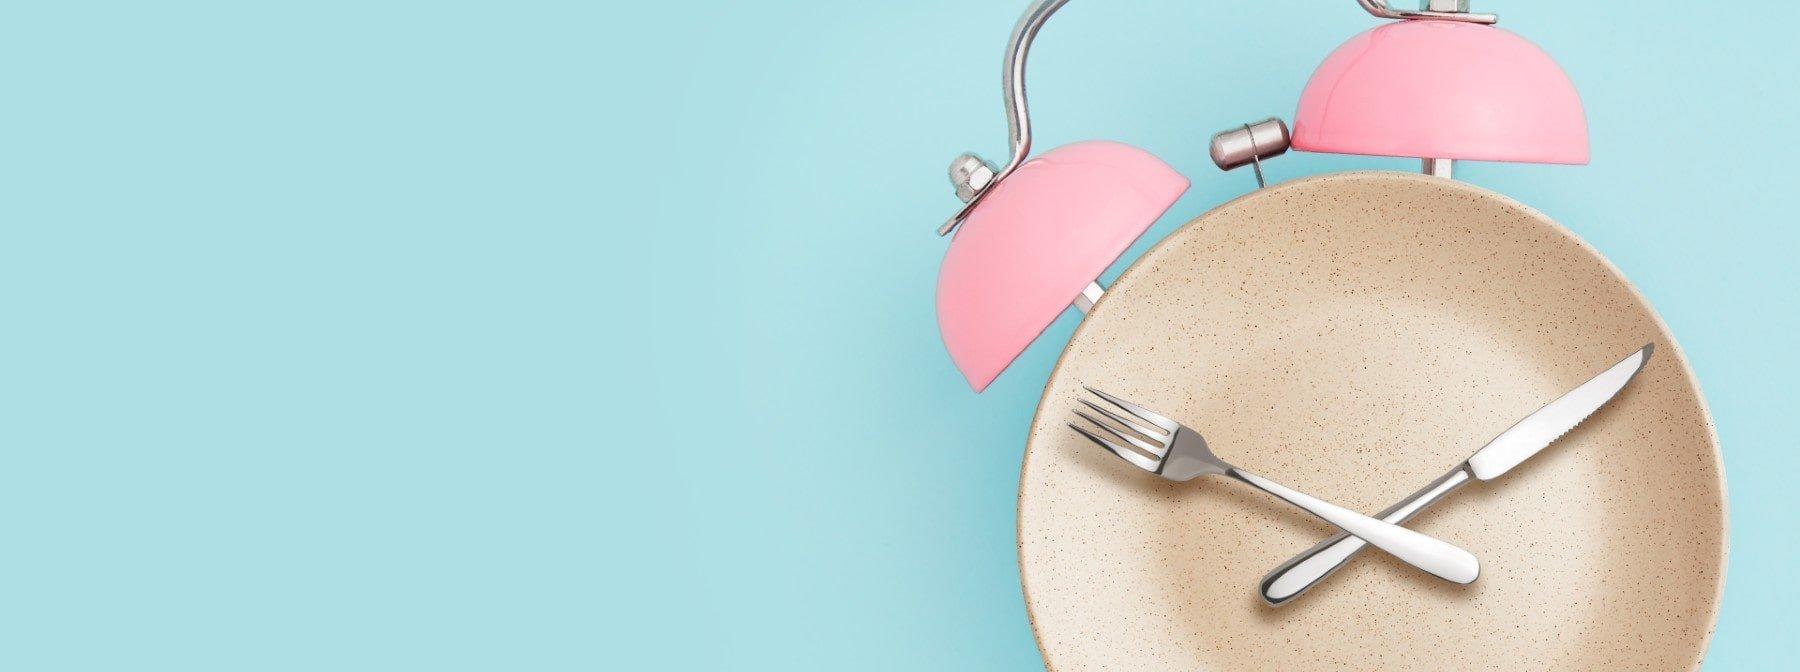 Time Restricted Eating   Was ist das? Wie funktioniert es & was sind die Vorteile?